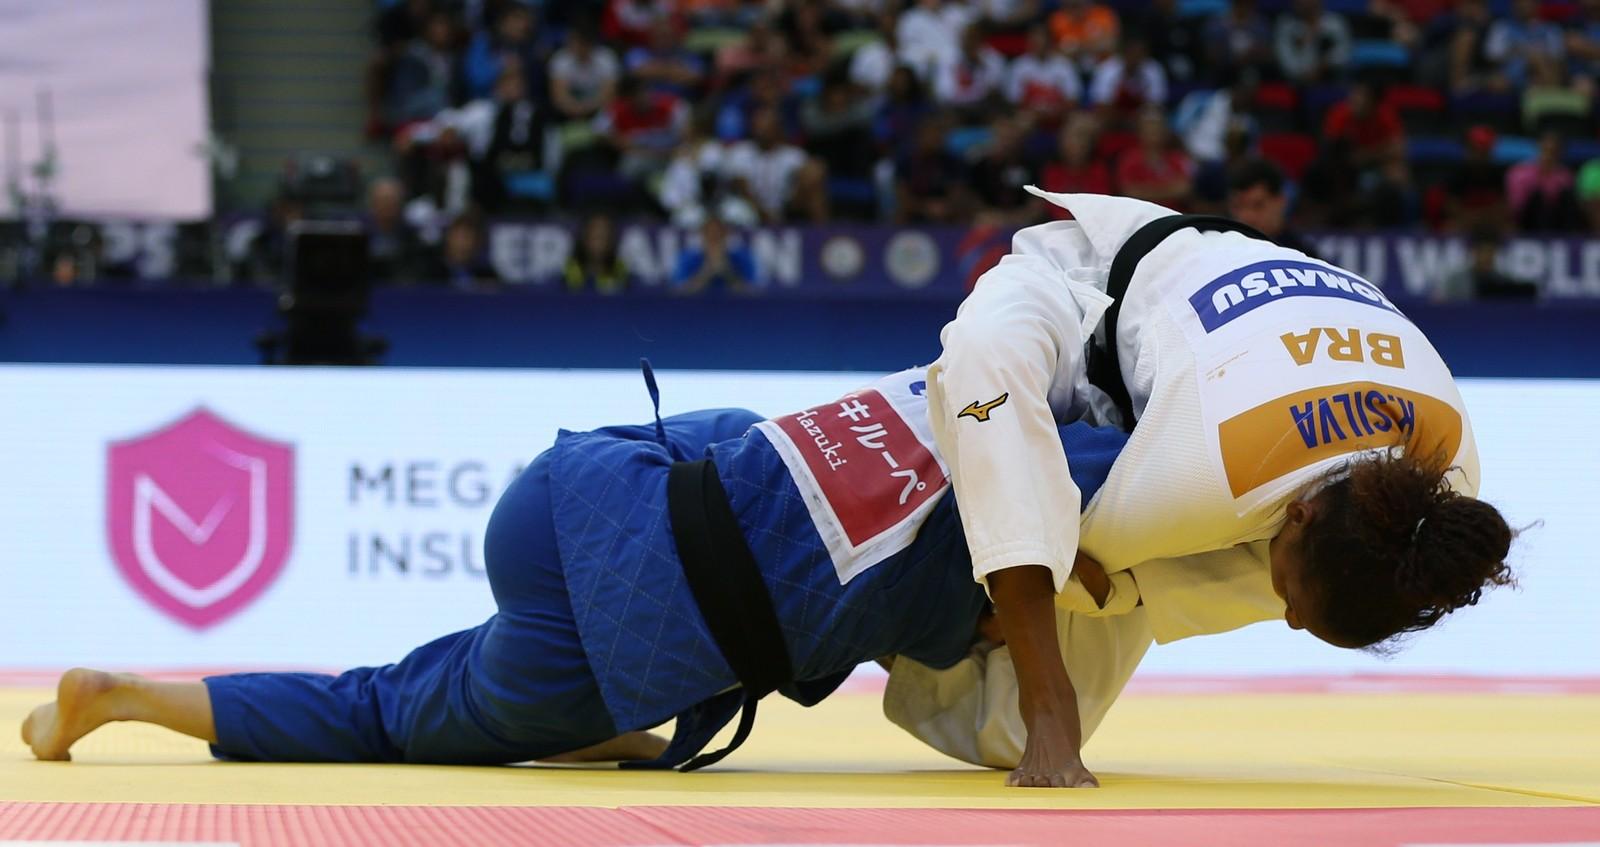 Erika Miranda fatura única medalha brasileira no Mundial de Judô; Brasil tem pior campanha desde 2009